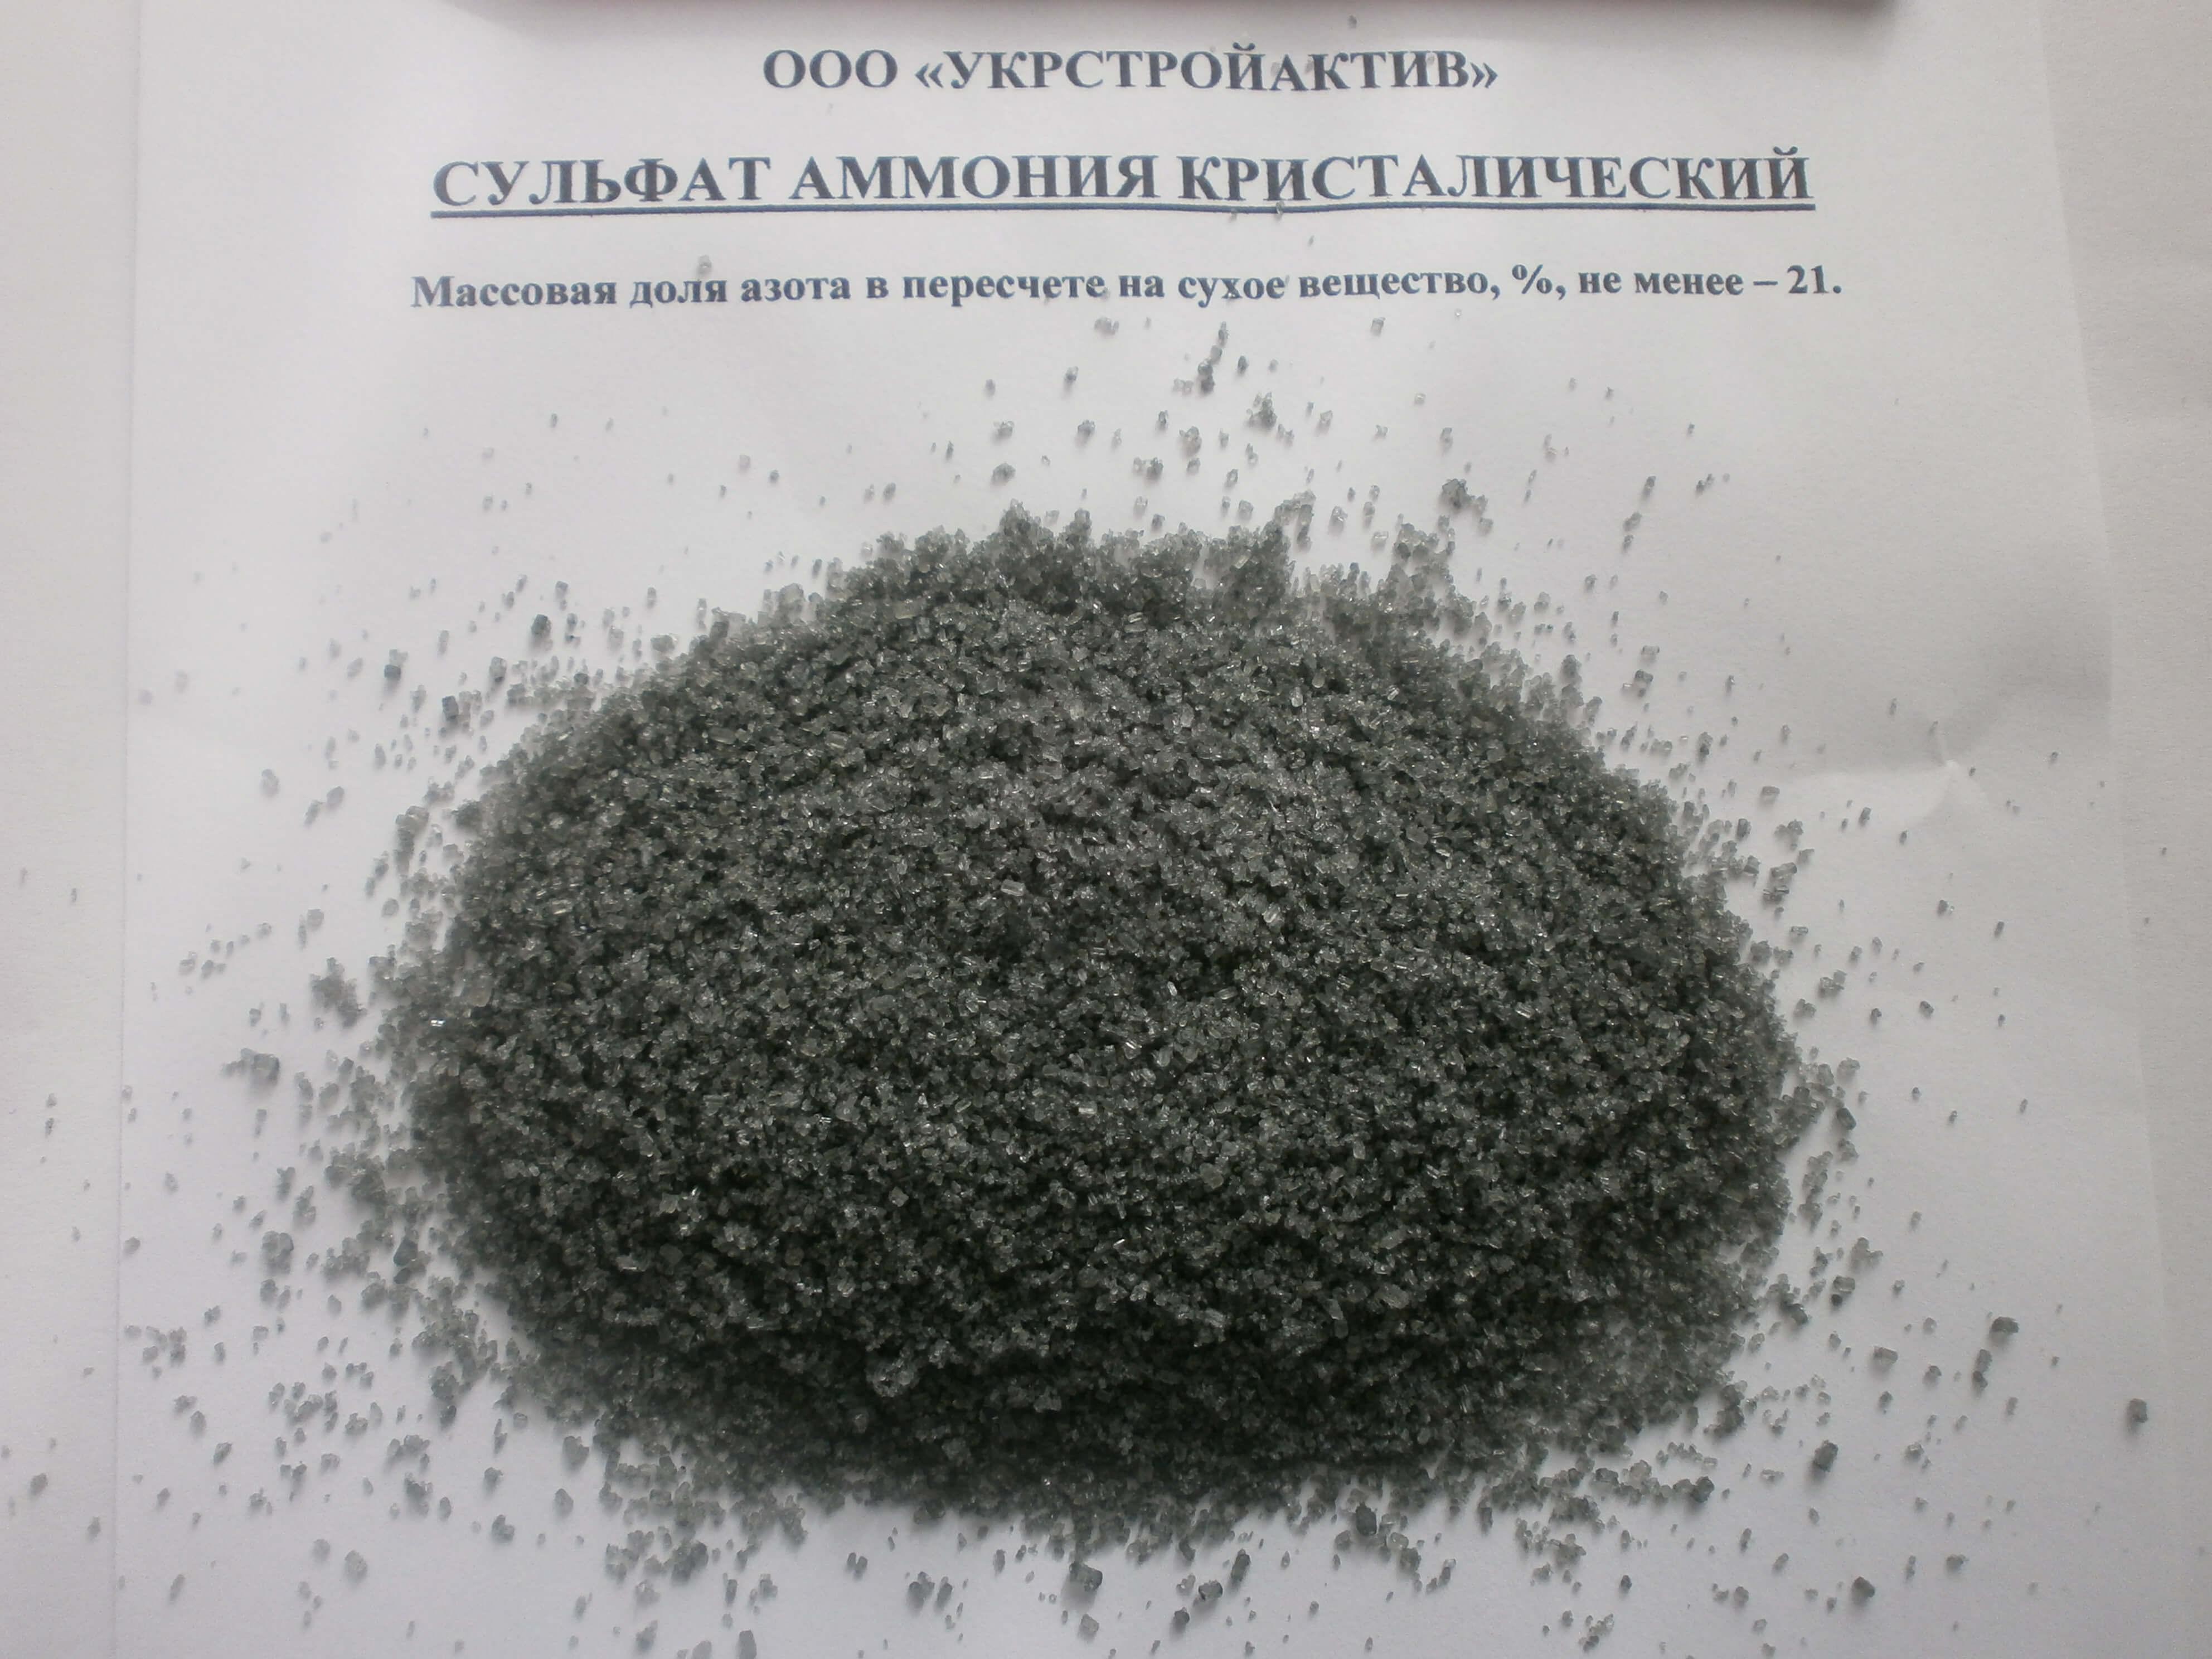 сульфат-аммония-2016-1-1